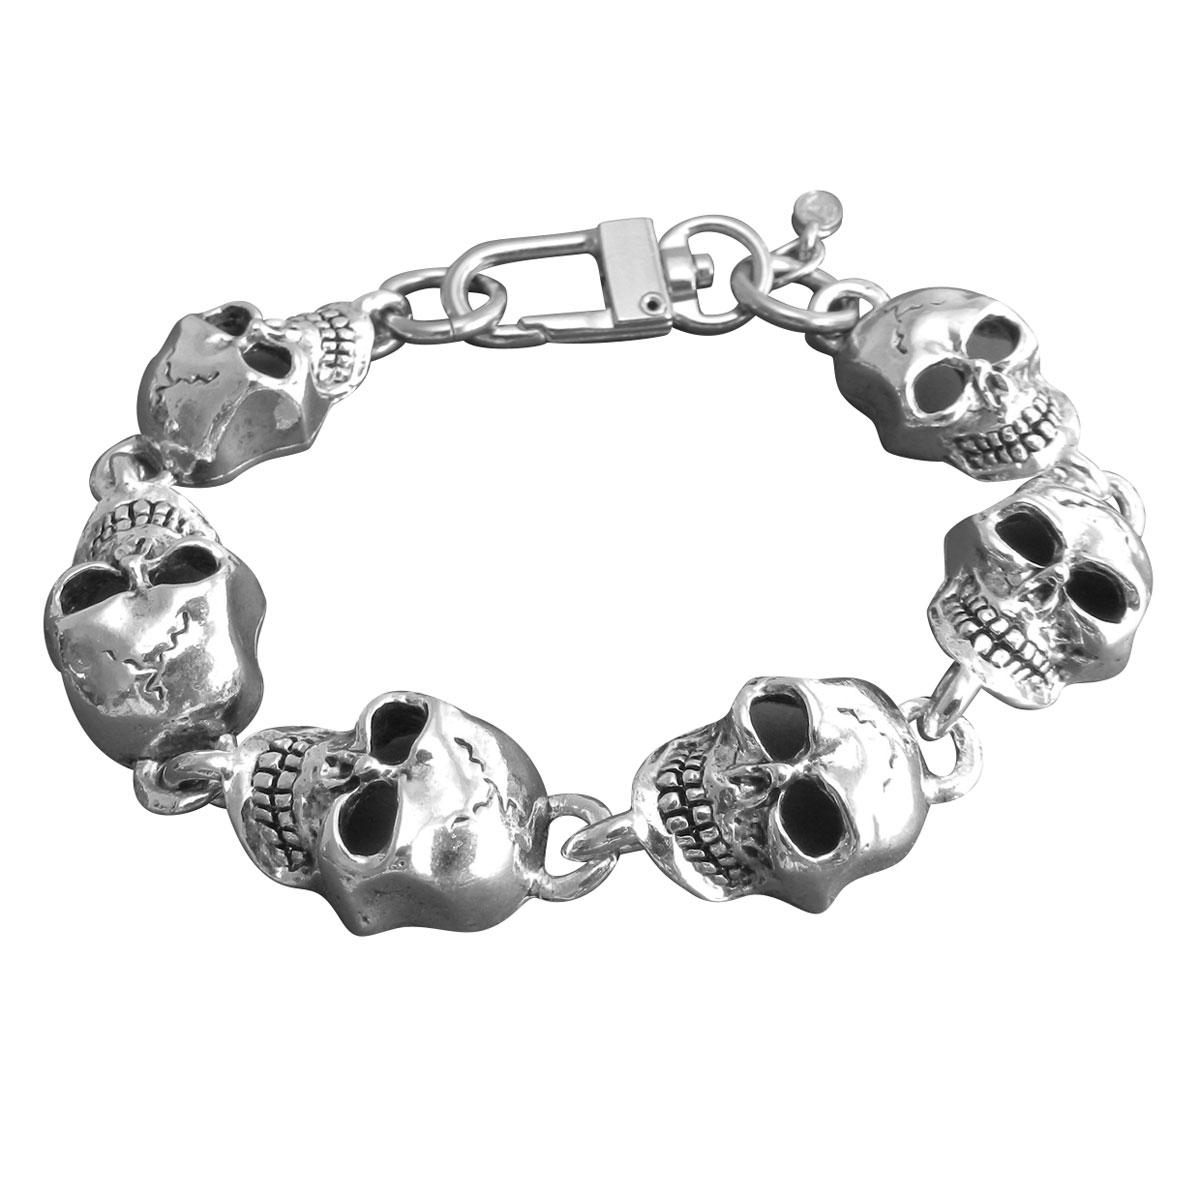 AMiGAZ Monster XL Skull Chain Bracelet